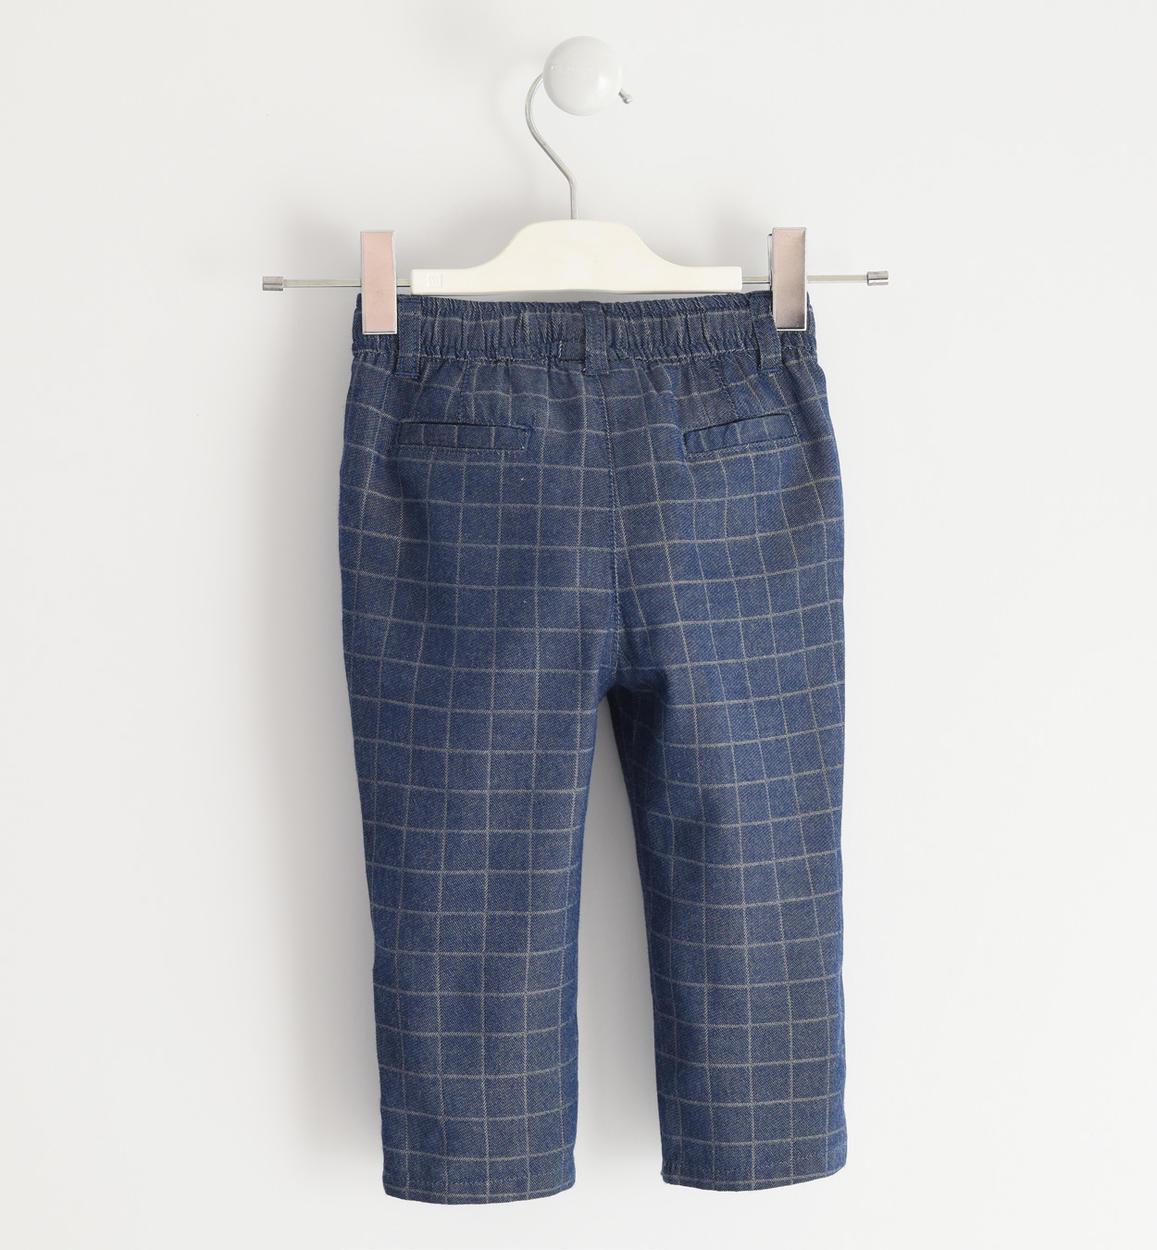 pantalone 100 cotone tinto filo a quadr stone washed dettaglio 03 1224j25100 7450 150x150